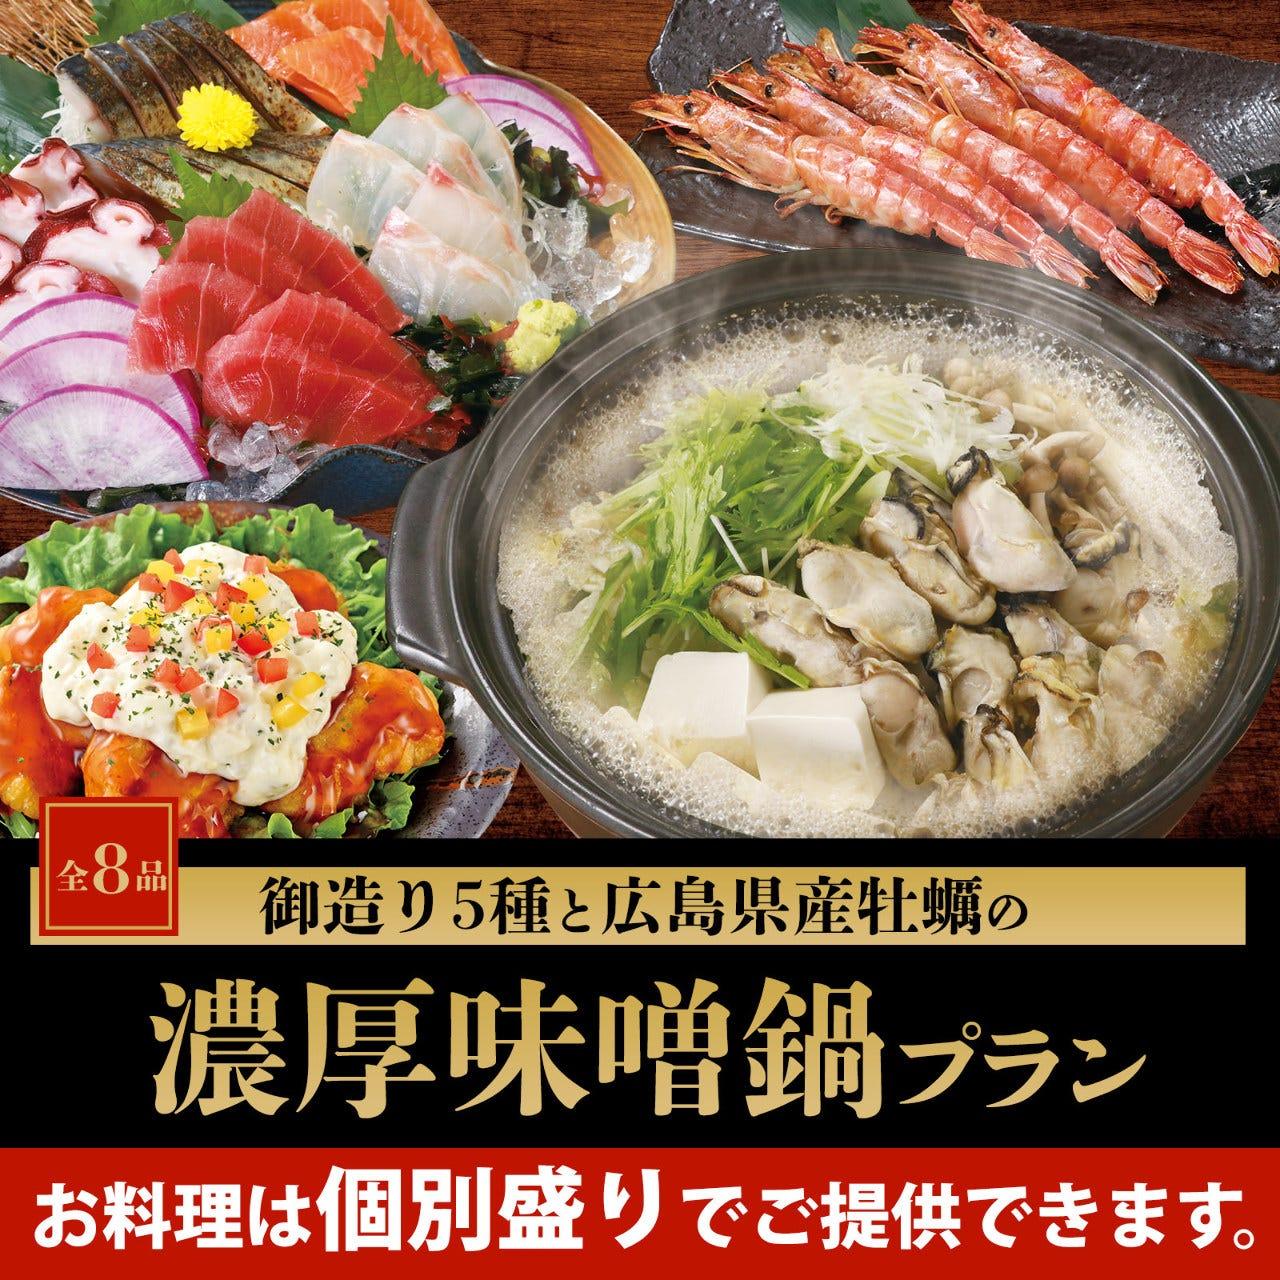 御造り5種と広島県産牡蠣の<濃厚味噌鍋プラン>